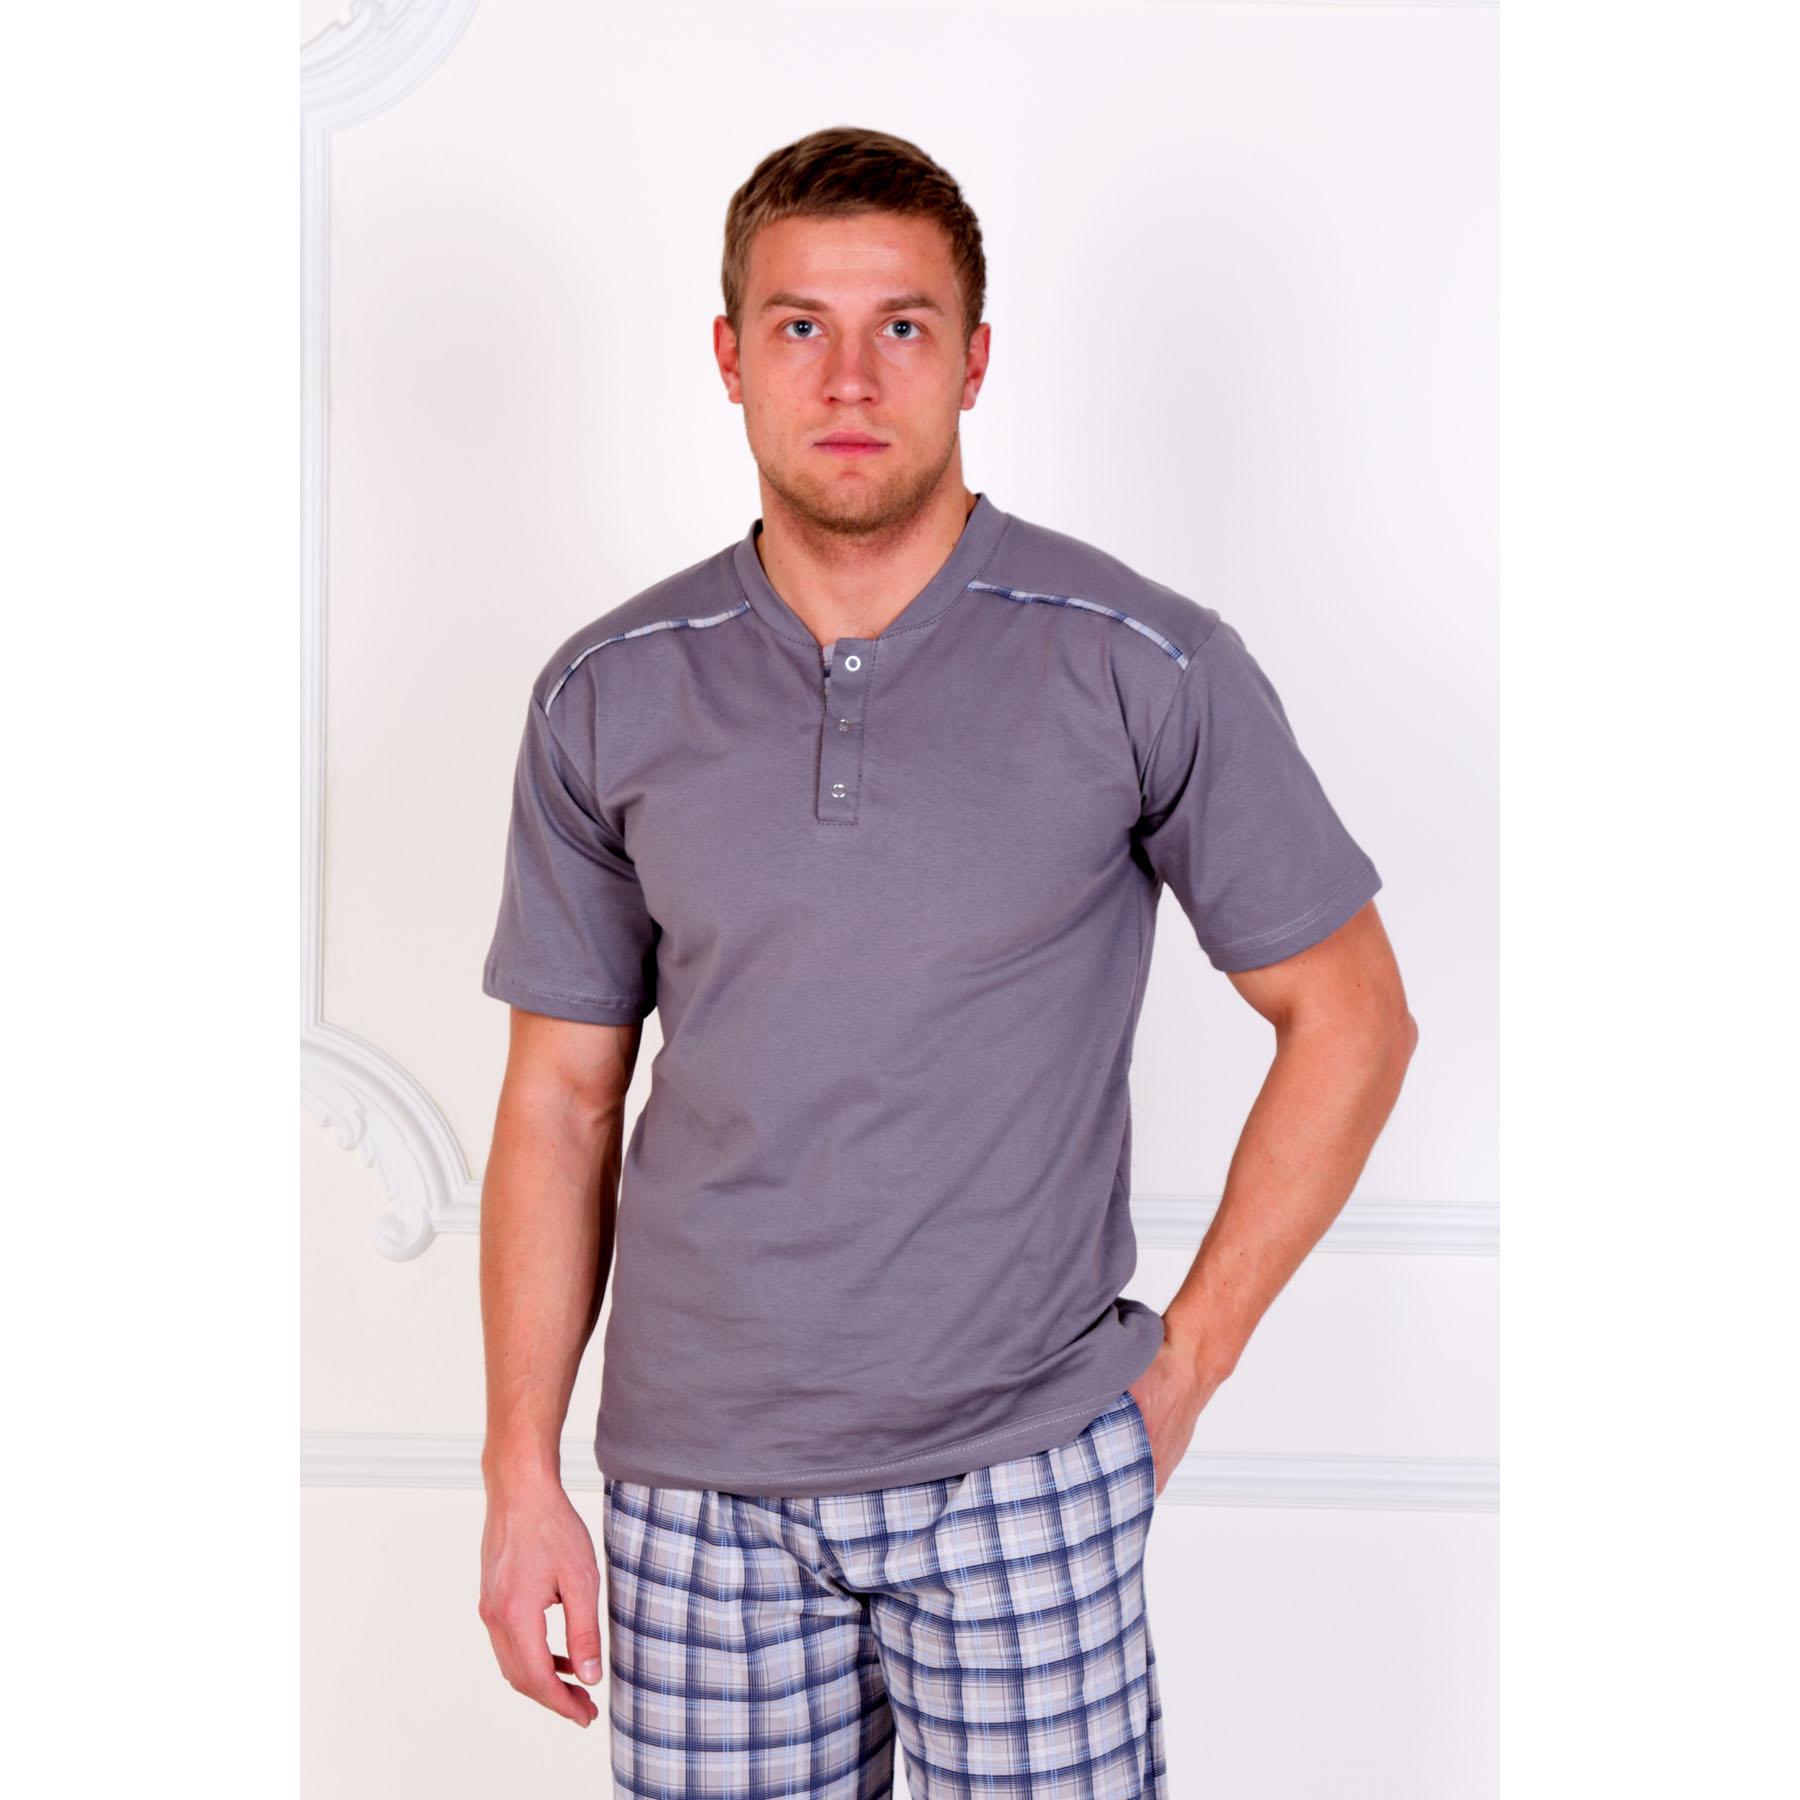 Мужской костюм  Клетка  Серый, размер 64 - Мужская одежда артикул: 24985